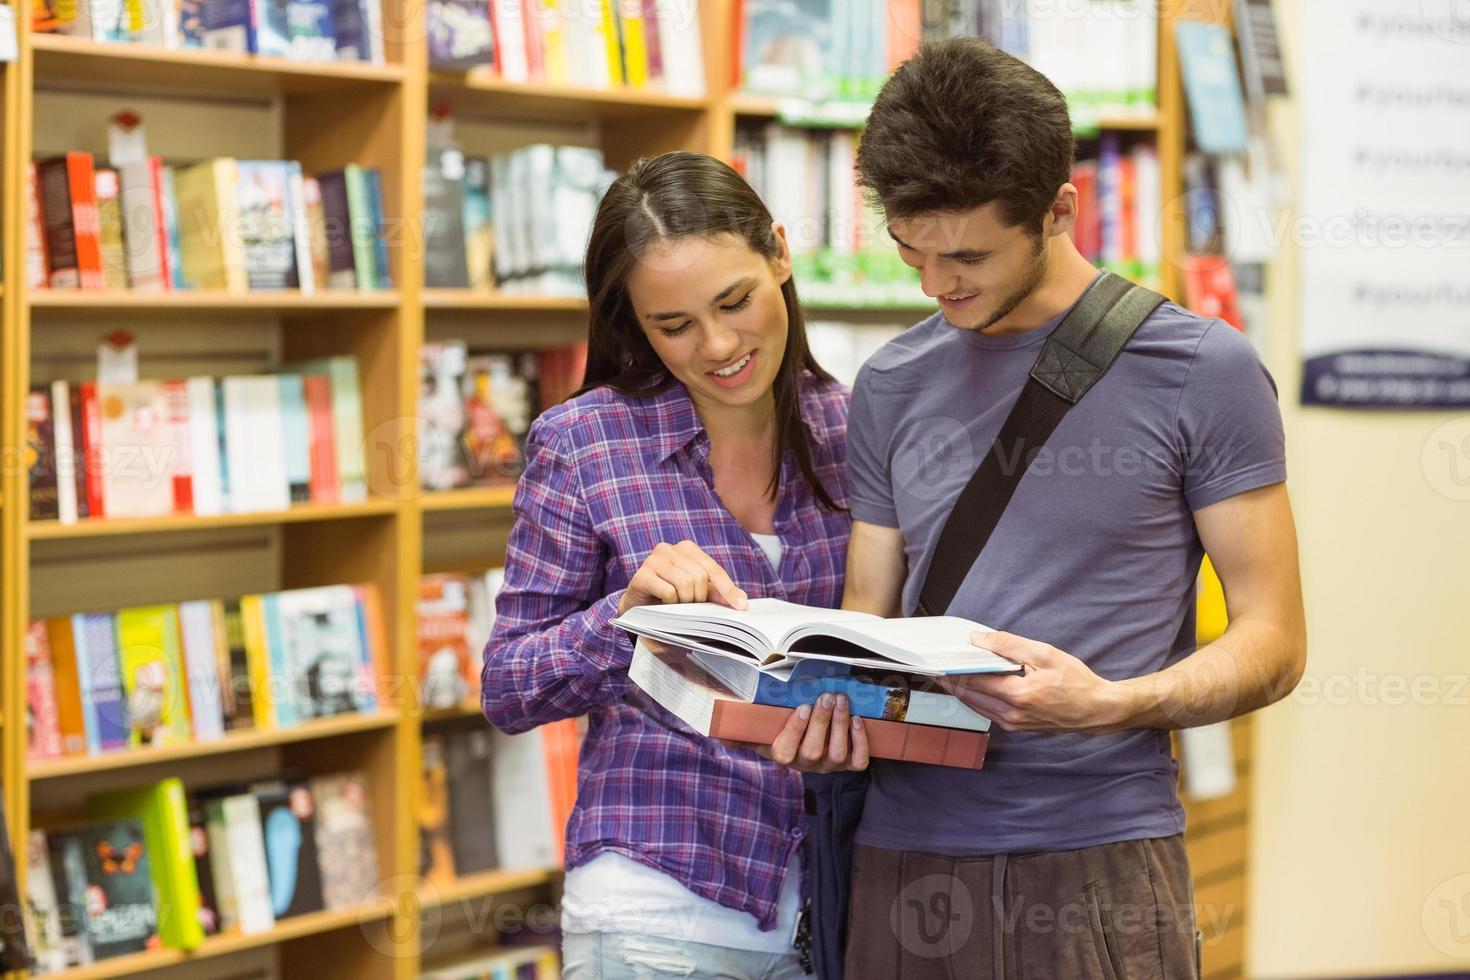 leende vänner student läser läroboken foto